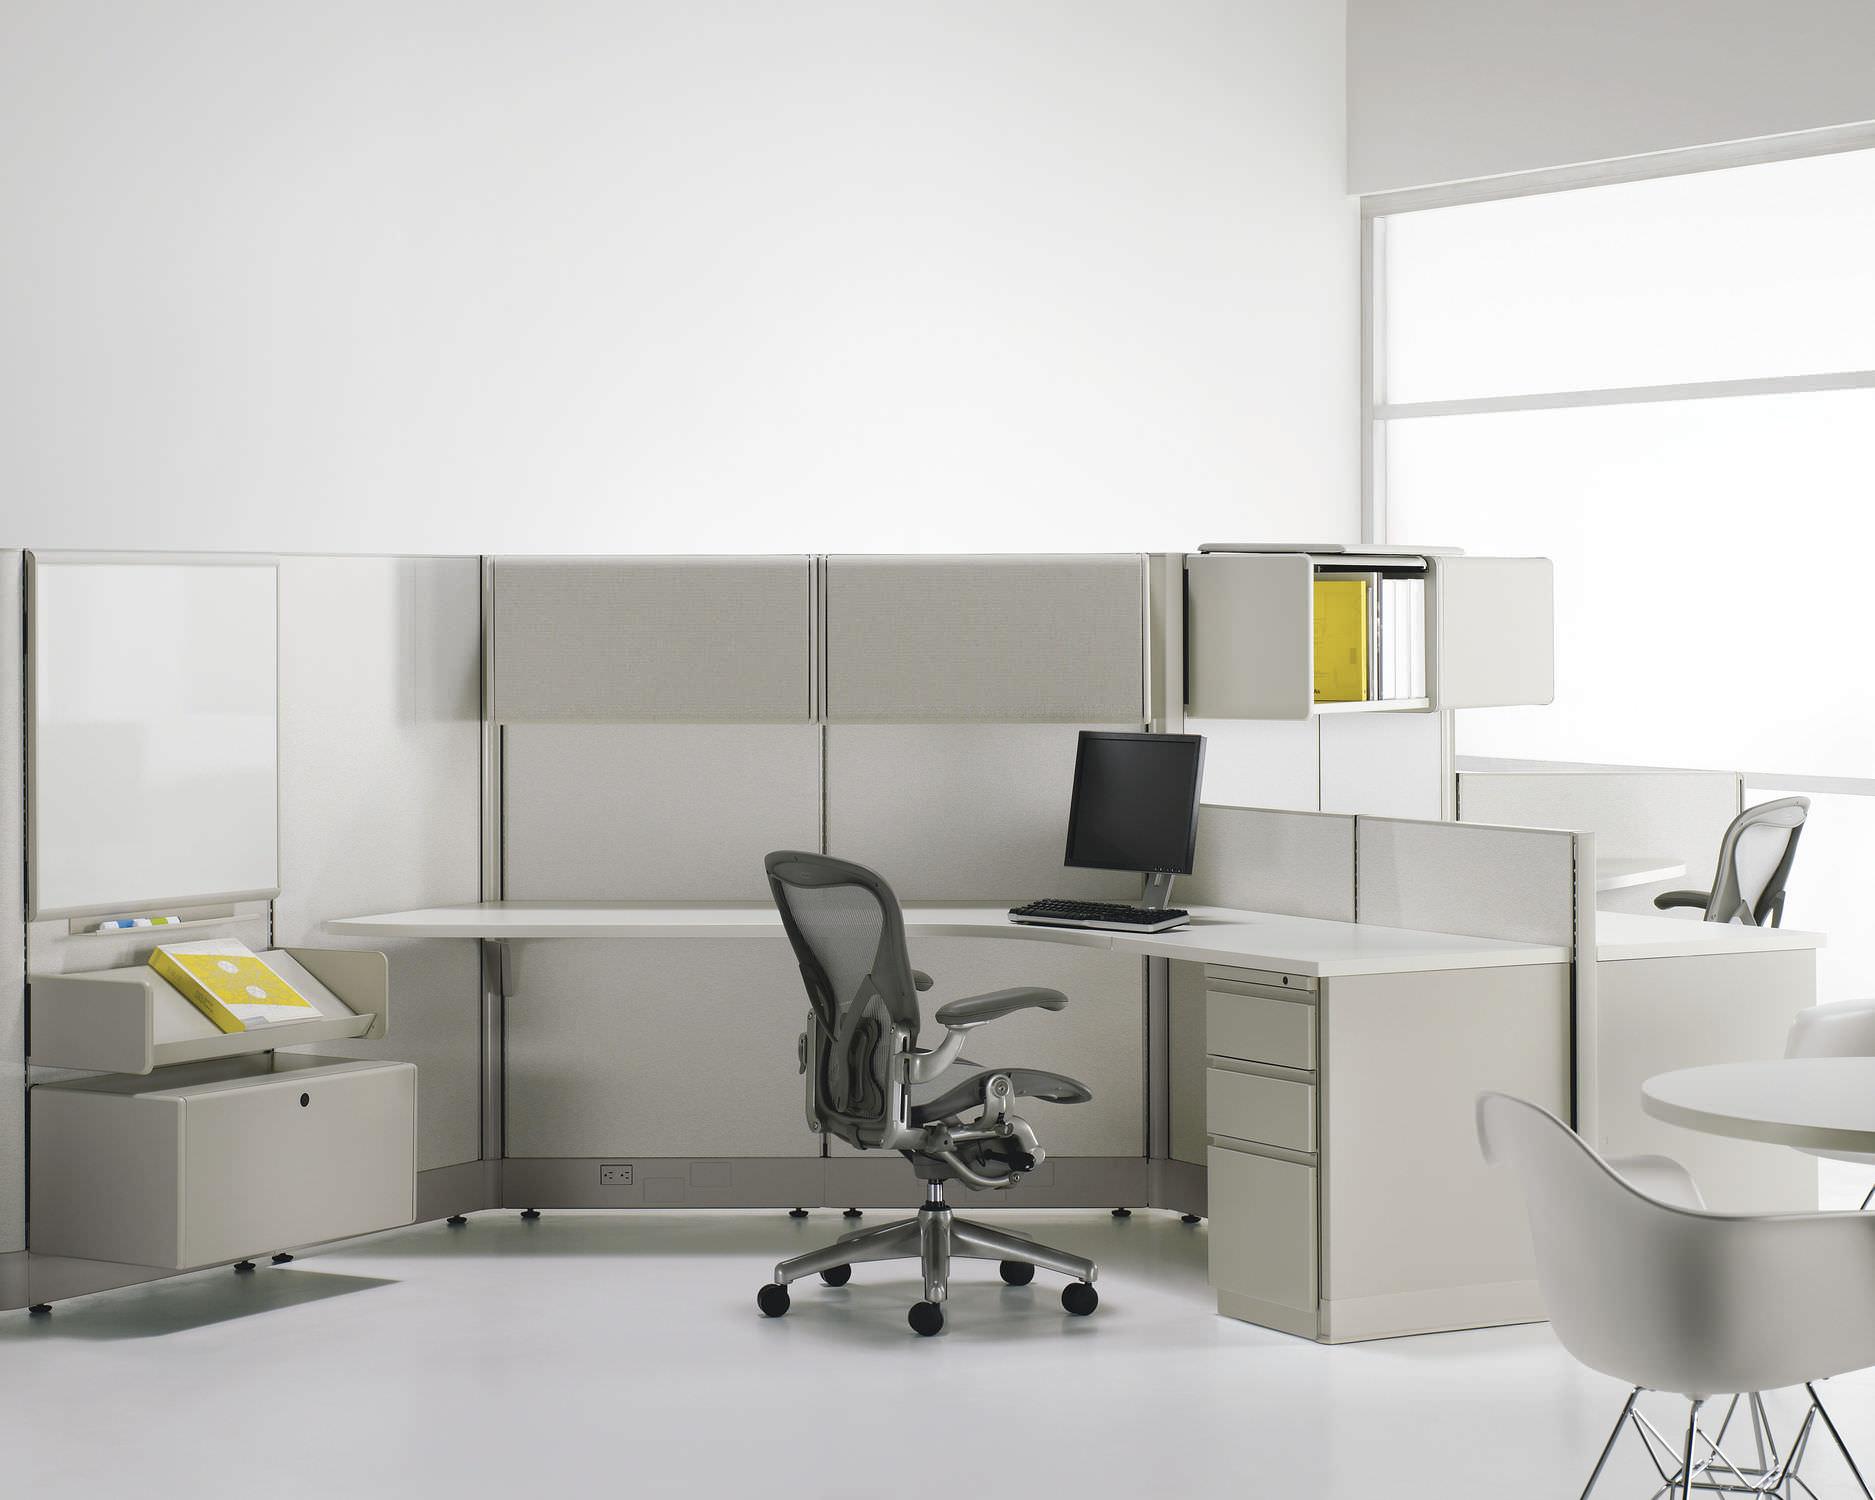 schreibtisch fr open space action office system herman miller - Herman Miller Schreibtischsthle